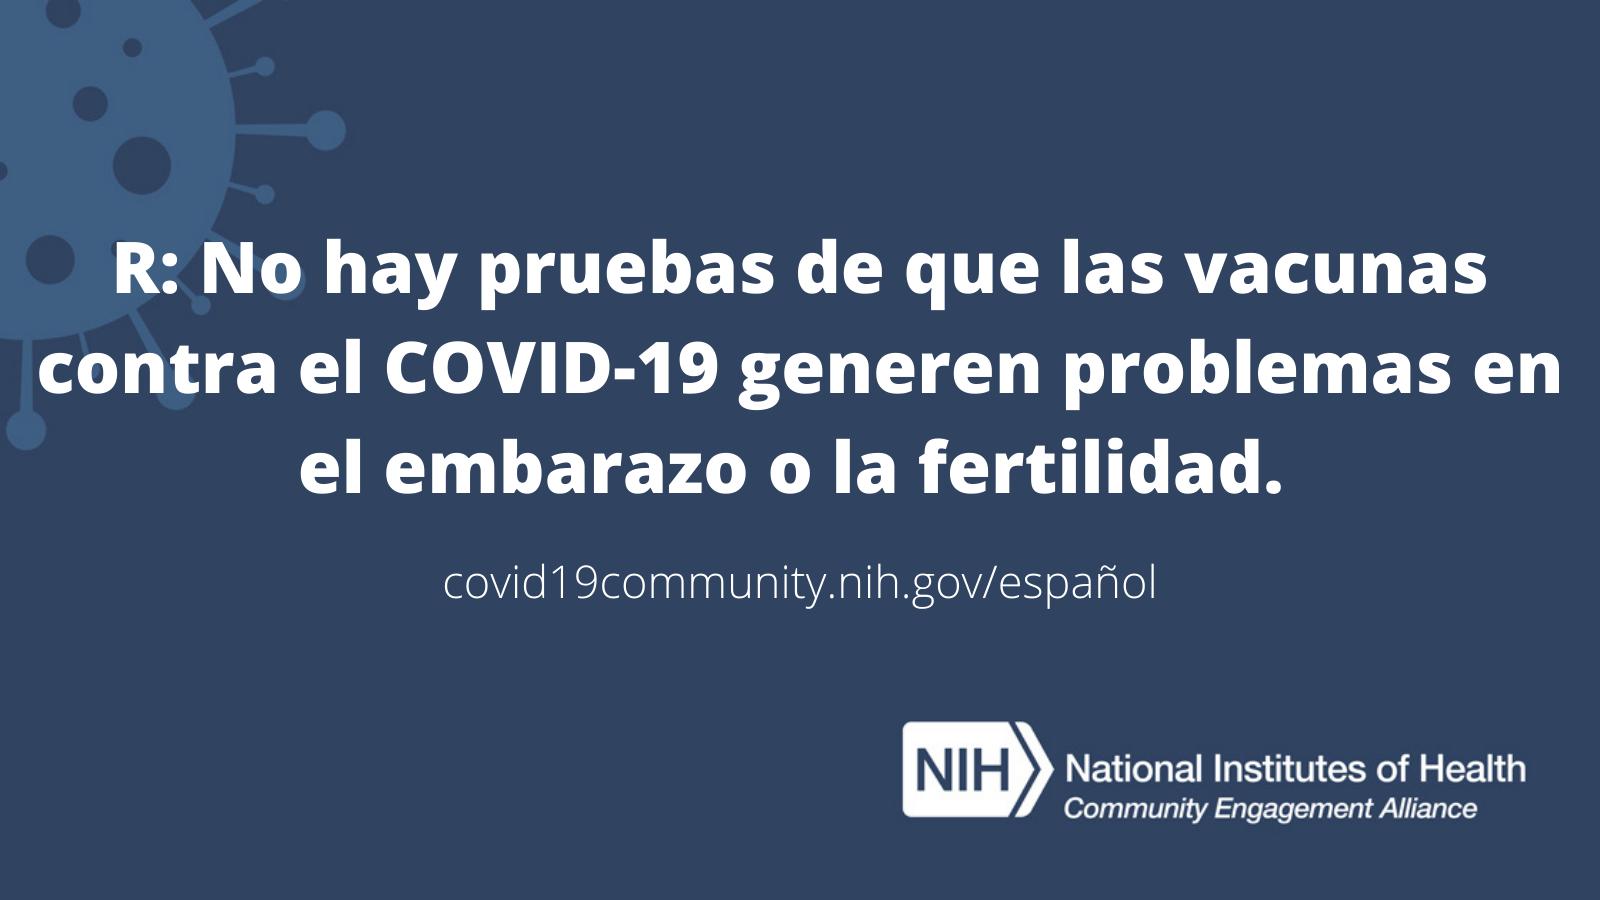 R: No hay pruebas de que las vacunas contra el COVID-19 generen problemas en el embarazo o la fertilidad.